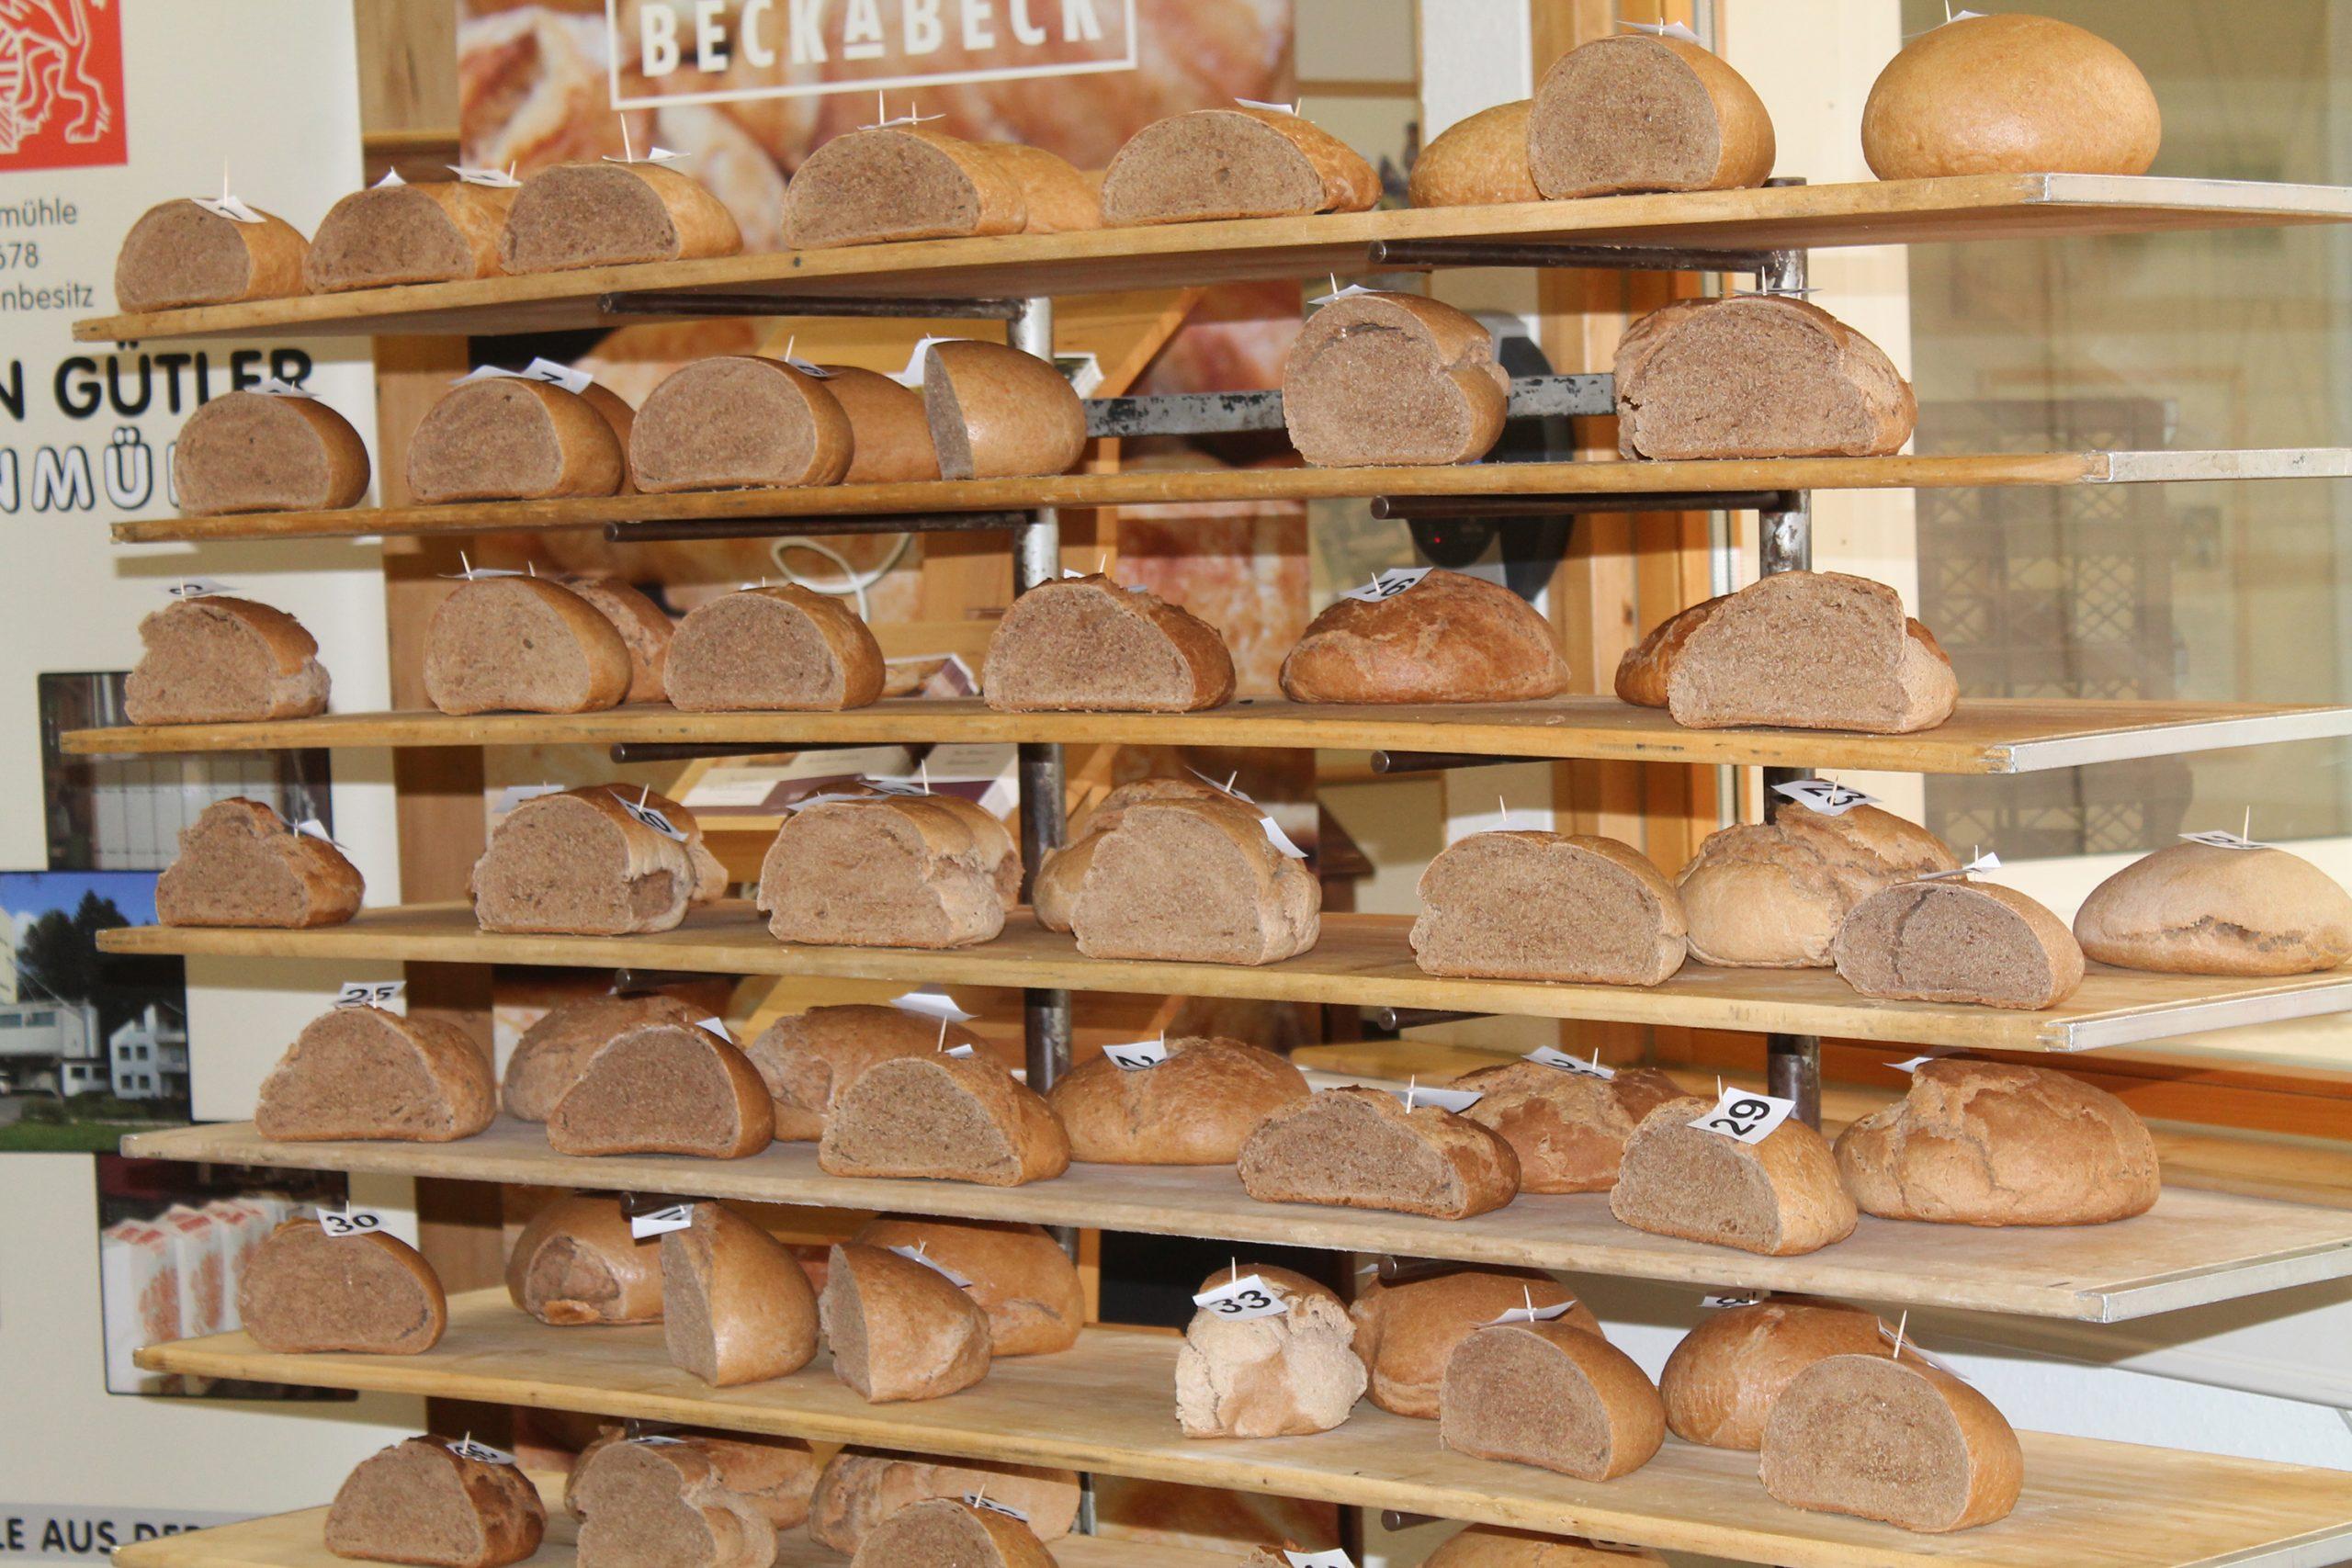 Moderne Weizensorten liefern grundsätzlich ähnlich aromatische Brote wie die alten Sorten | Bildquelle: Universität Hohenheim / Dietmar Töpfer